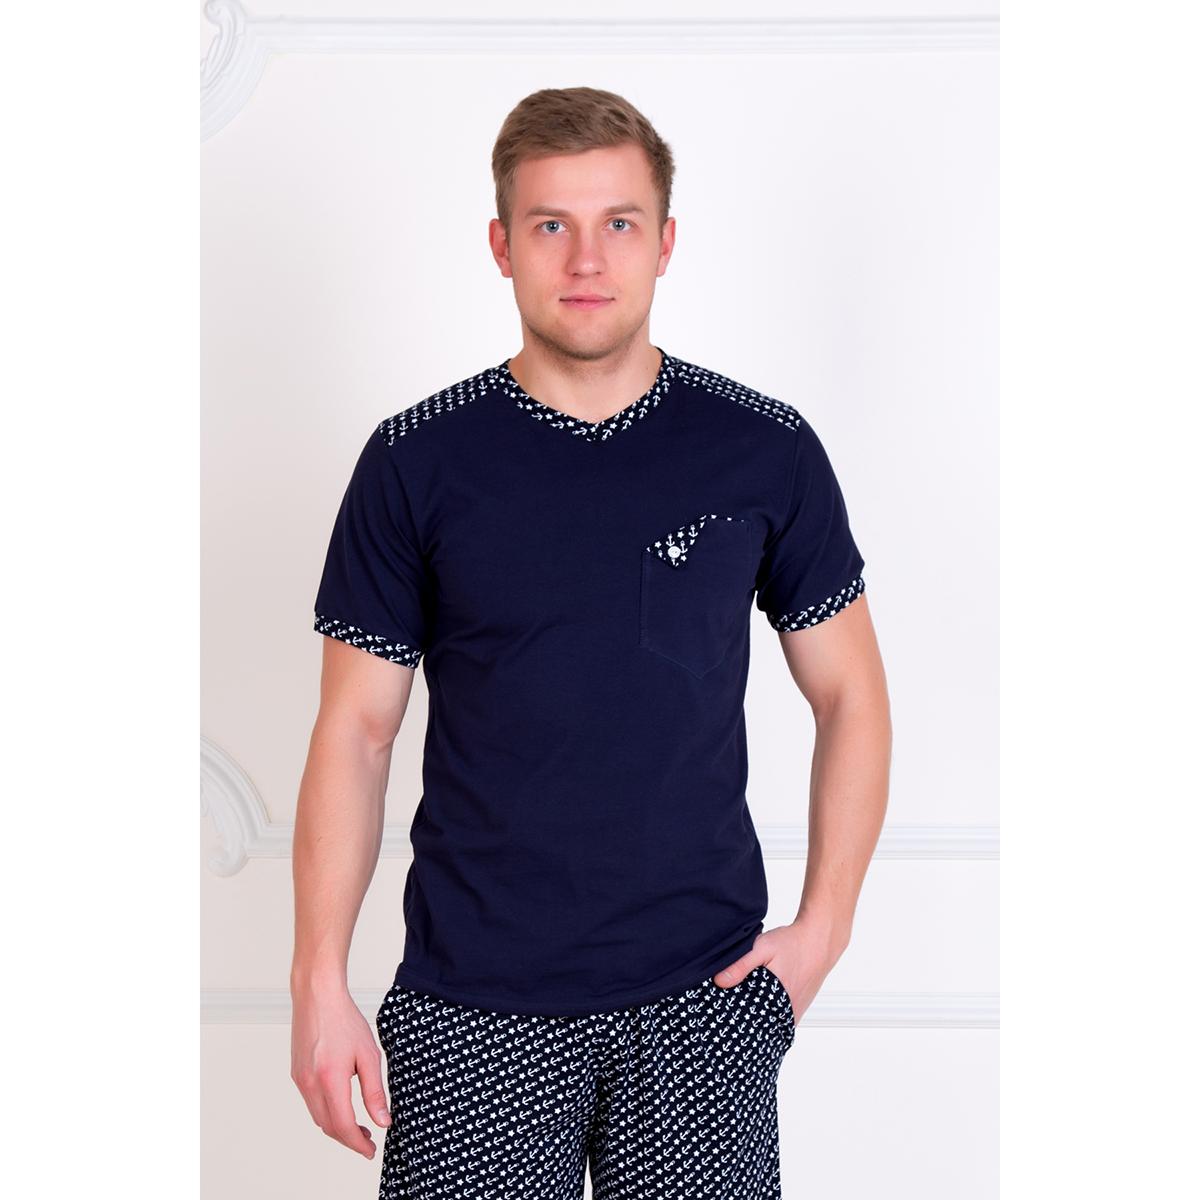 Мужской костюм  Элизар  Синий, размер 58 - Мужская одежда артикул: 16107